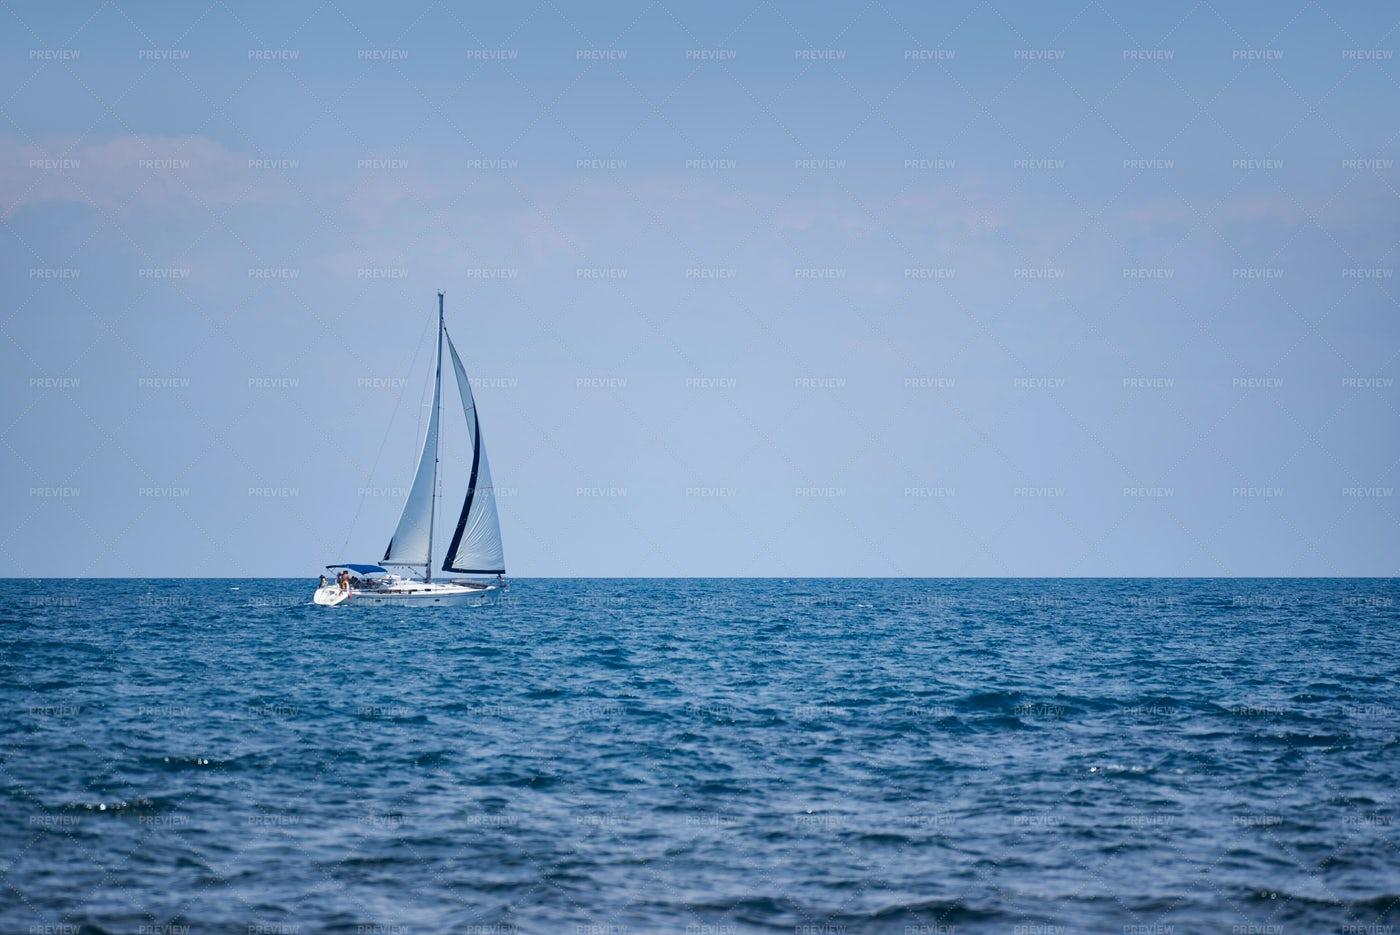 Yacht On The Open Sea: Stock Photos